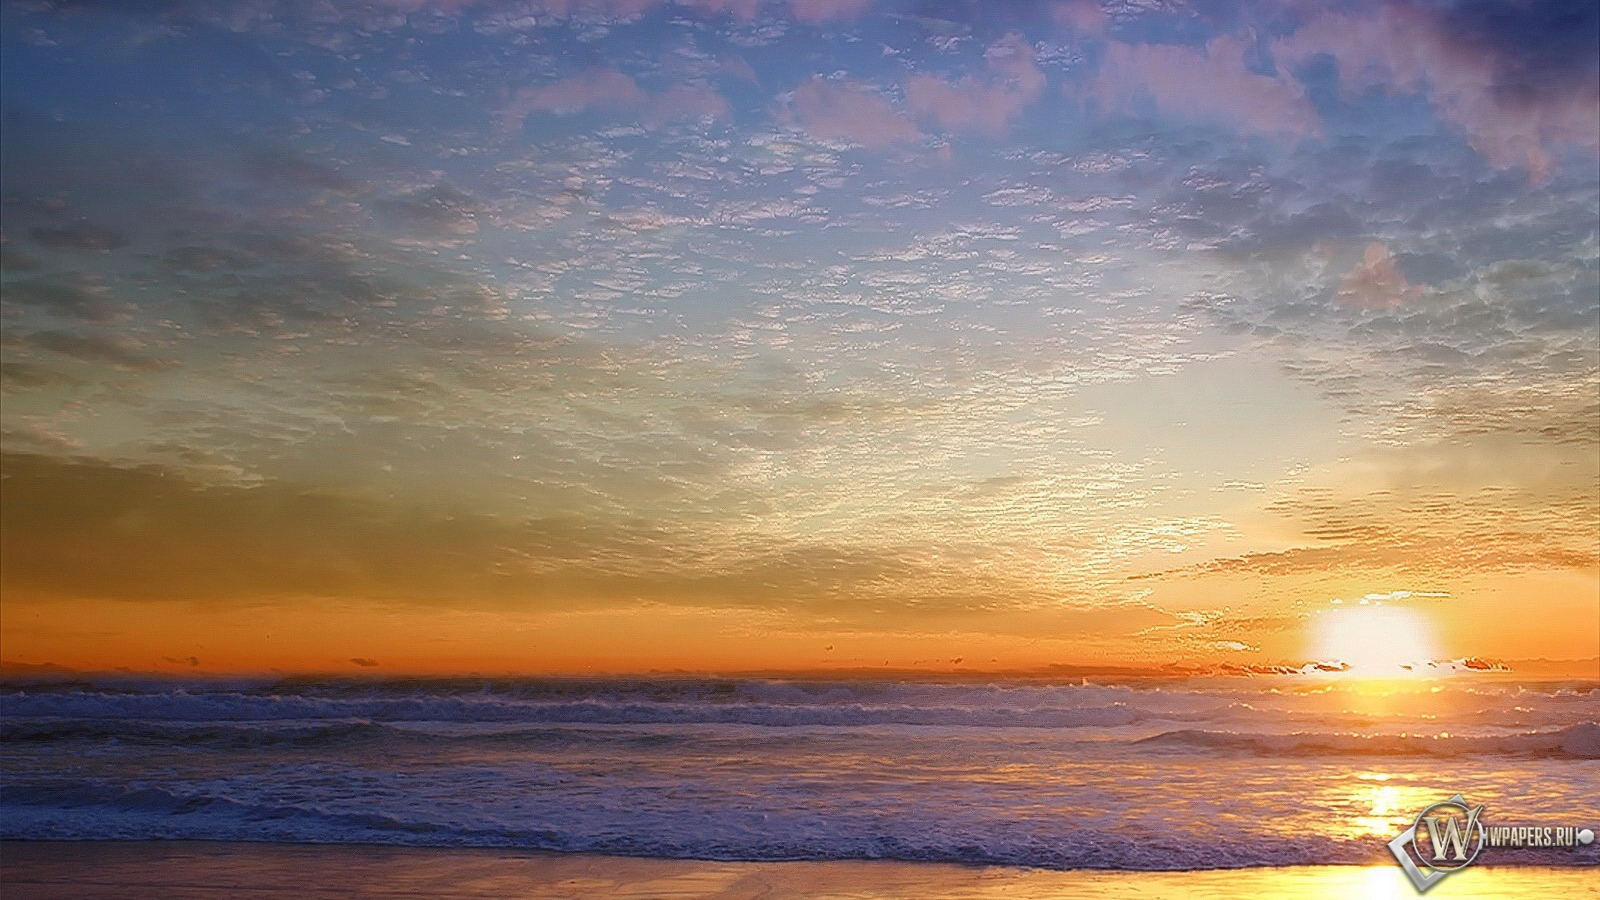 Морской пейзаж 1600x900